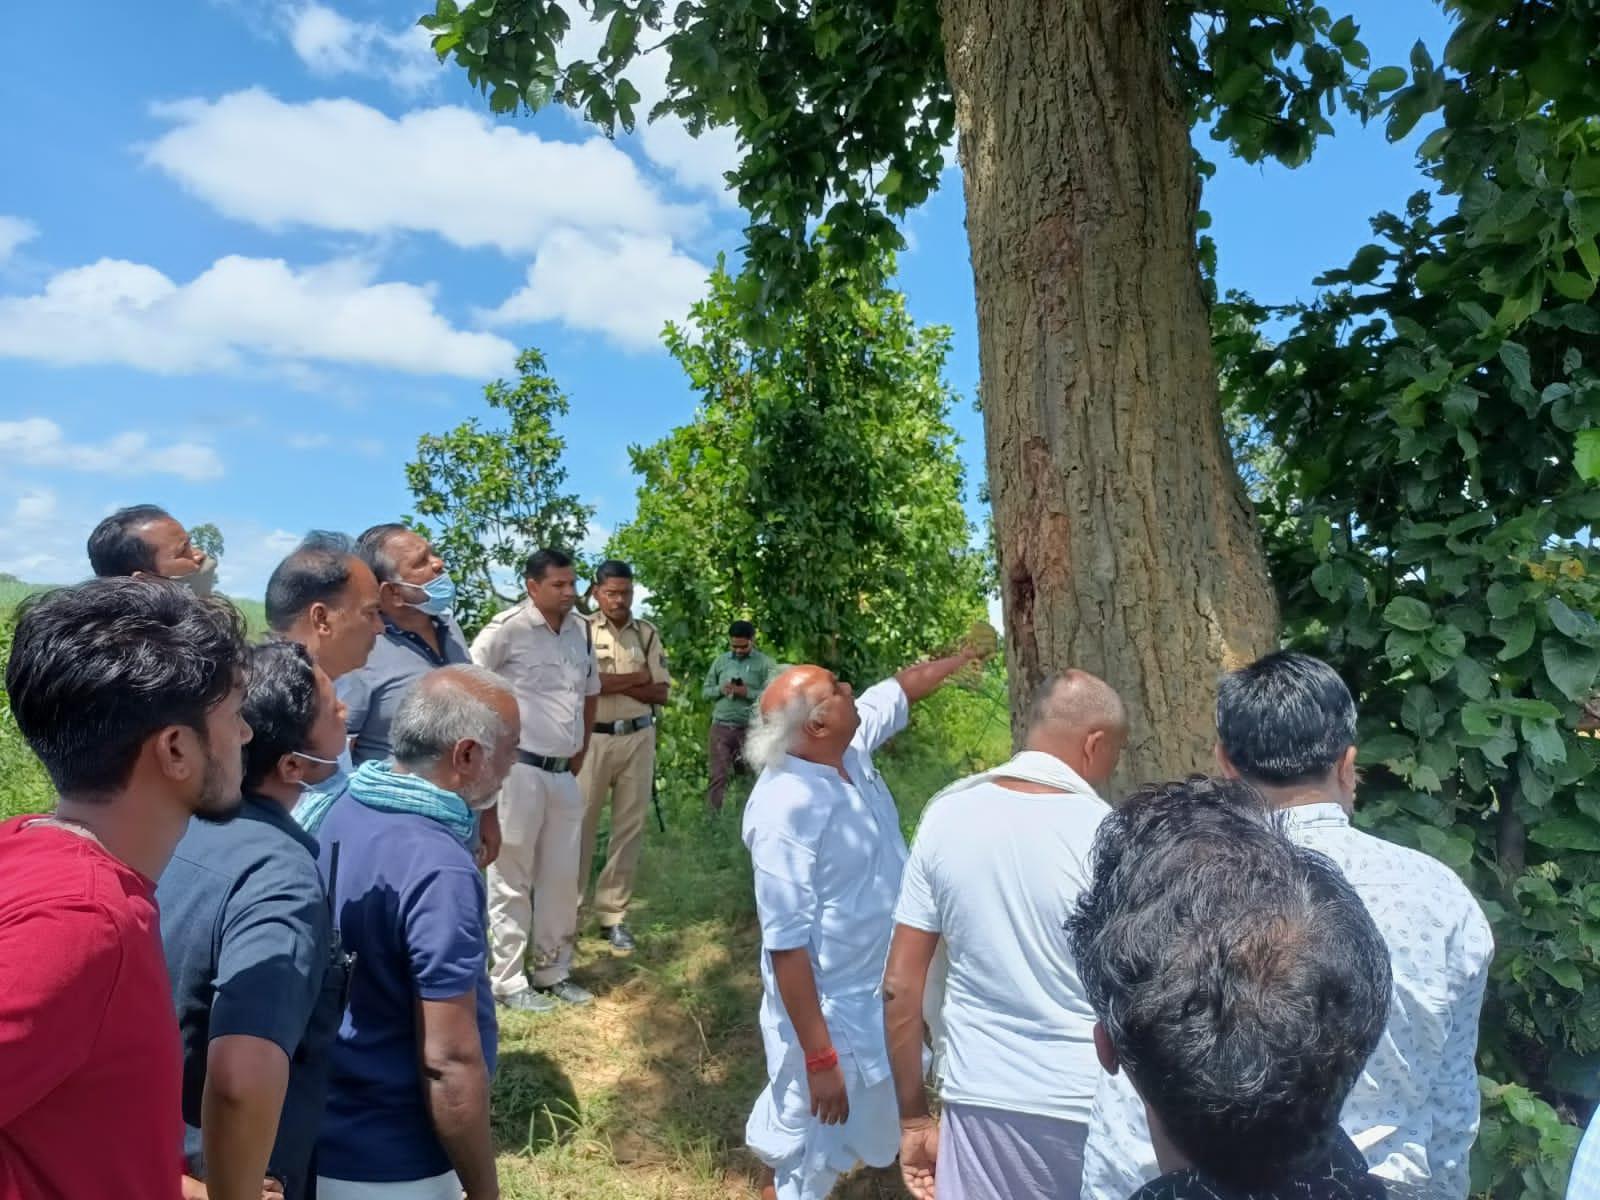 Ambikapur News: पेड़ के नीचे खड़े रहने के दौरान आए थे गाज की चपेट में